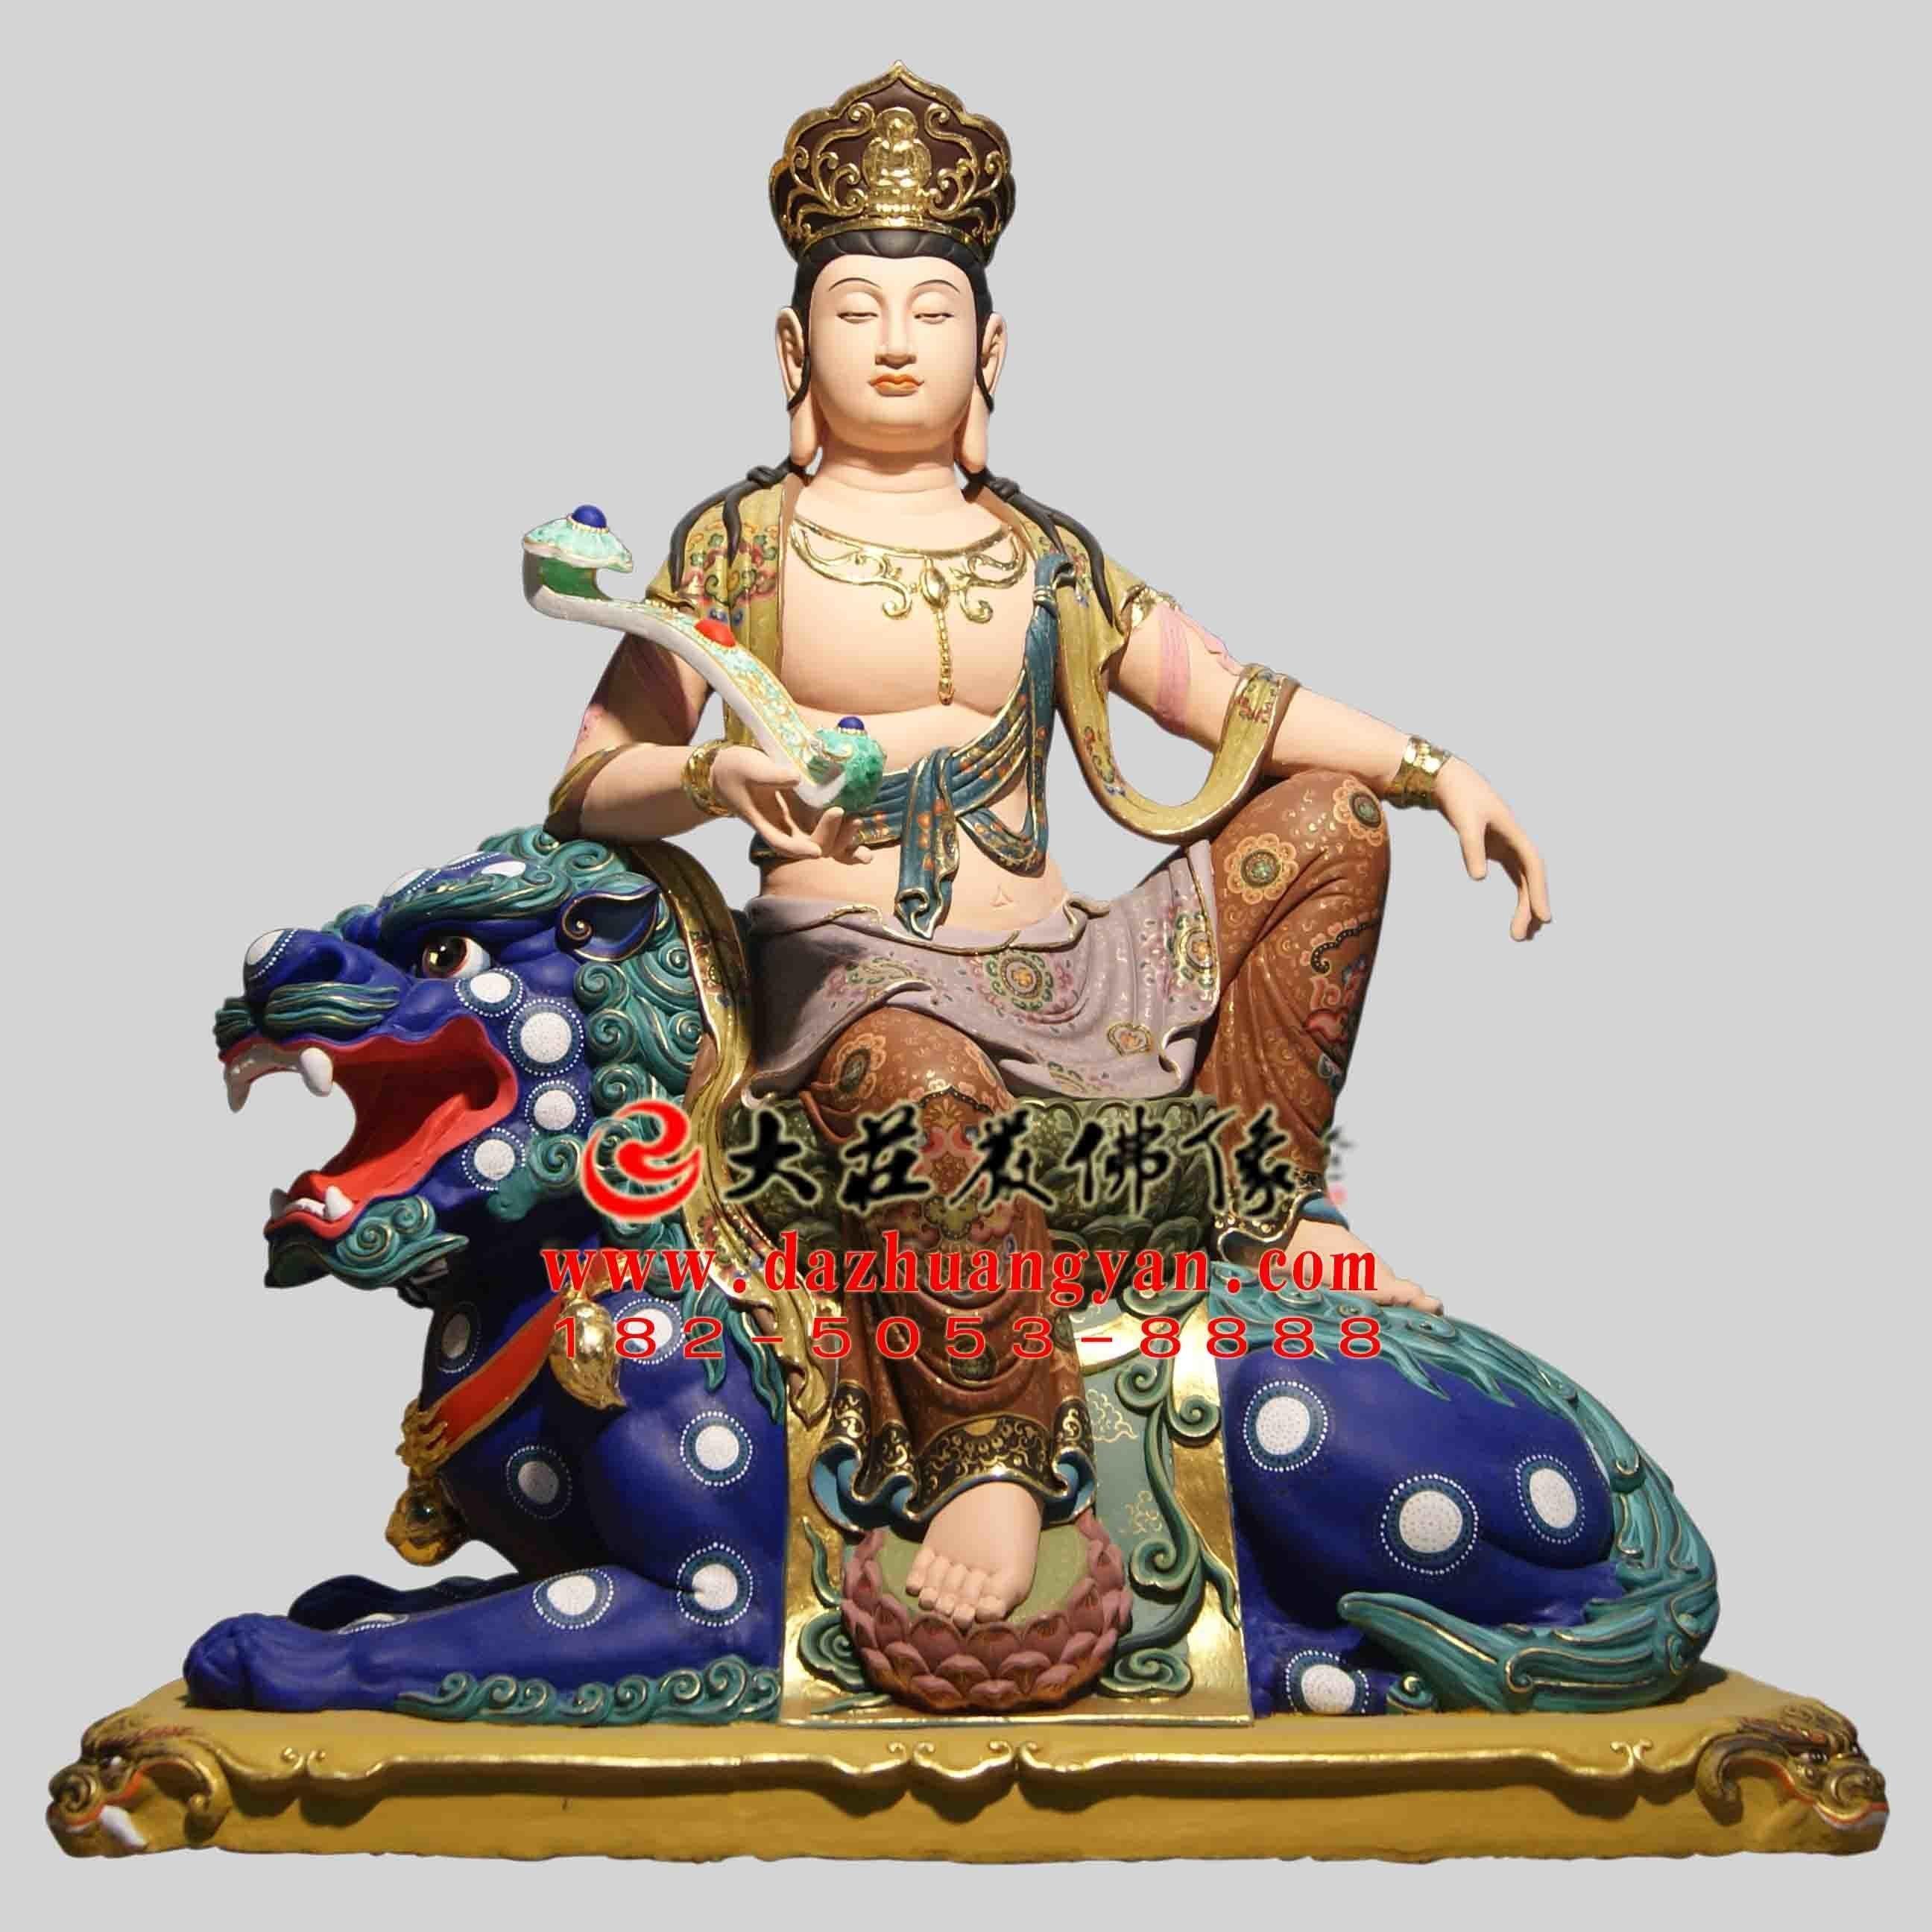 銅雕文殊菩薩像價格,購買一尊銅雕文殊菩薩像要多少錢?